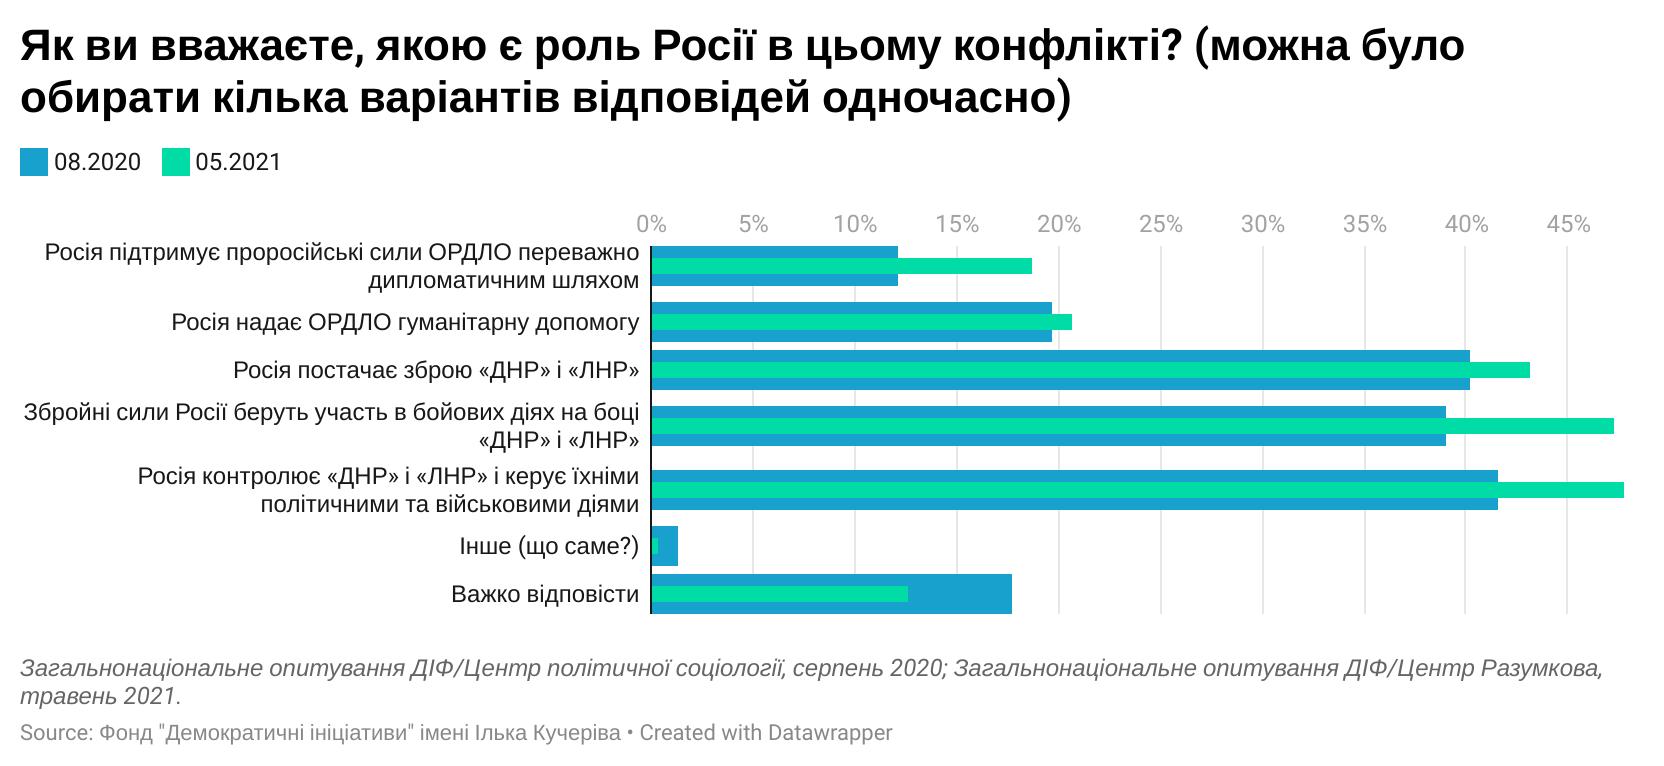 Українці назвали винного у війні на Донбасі: результати соцопитування